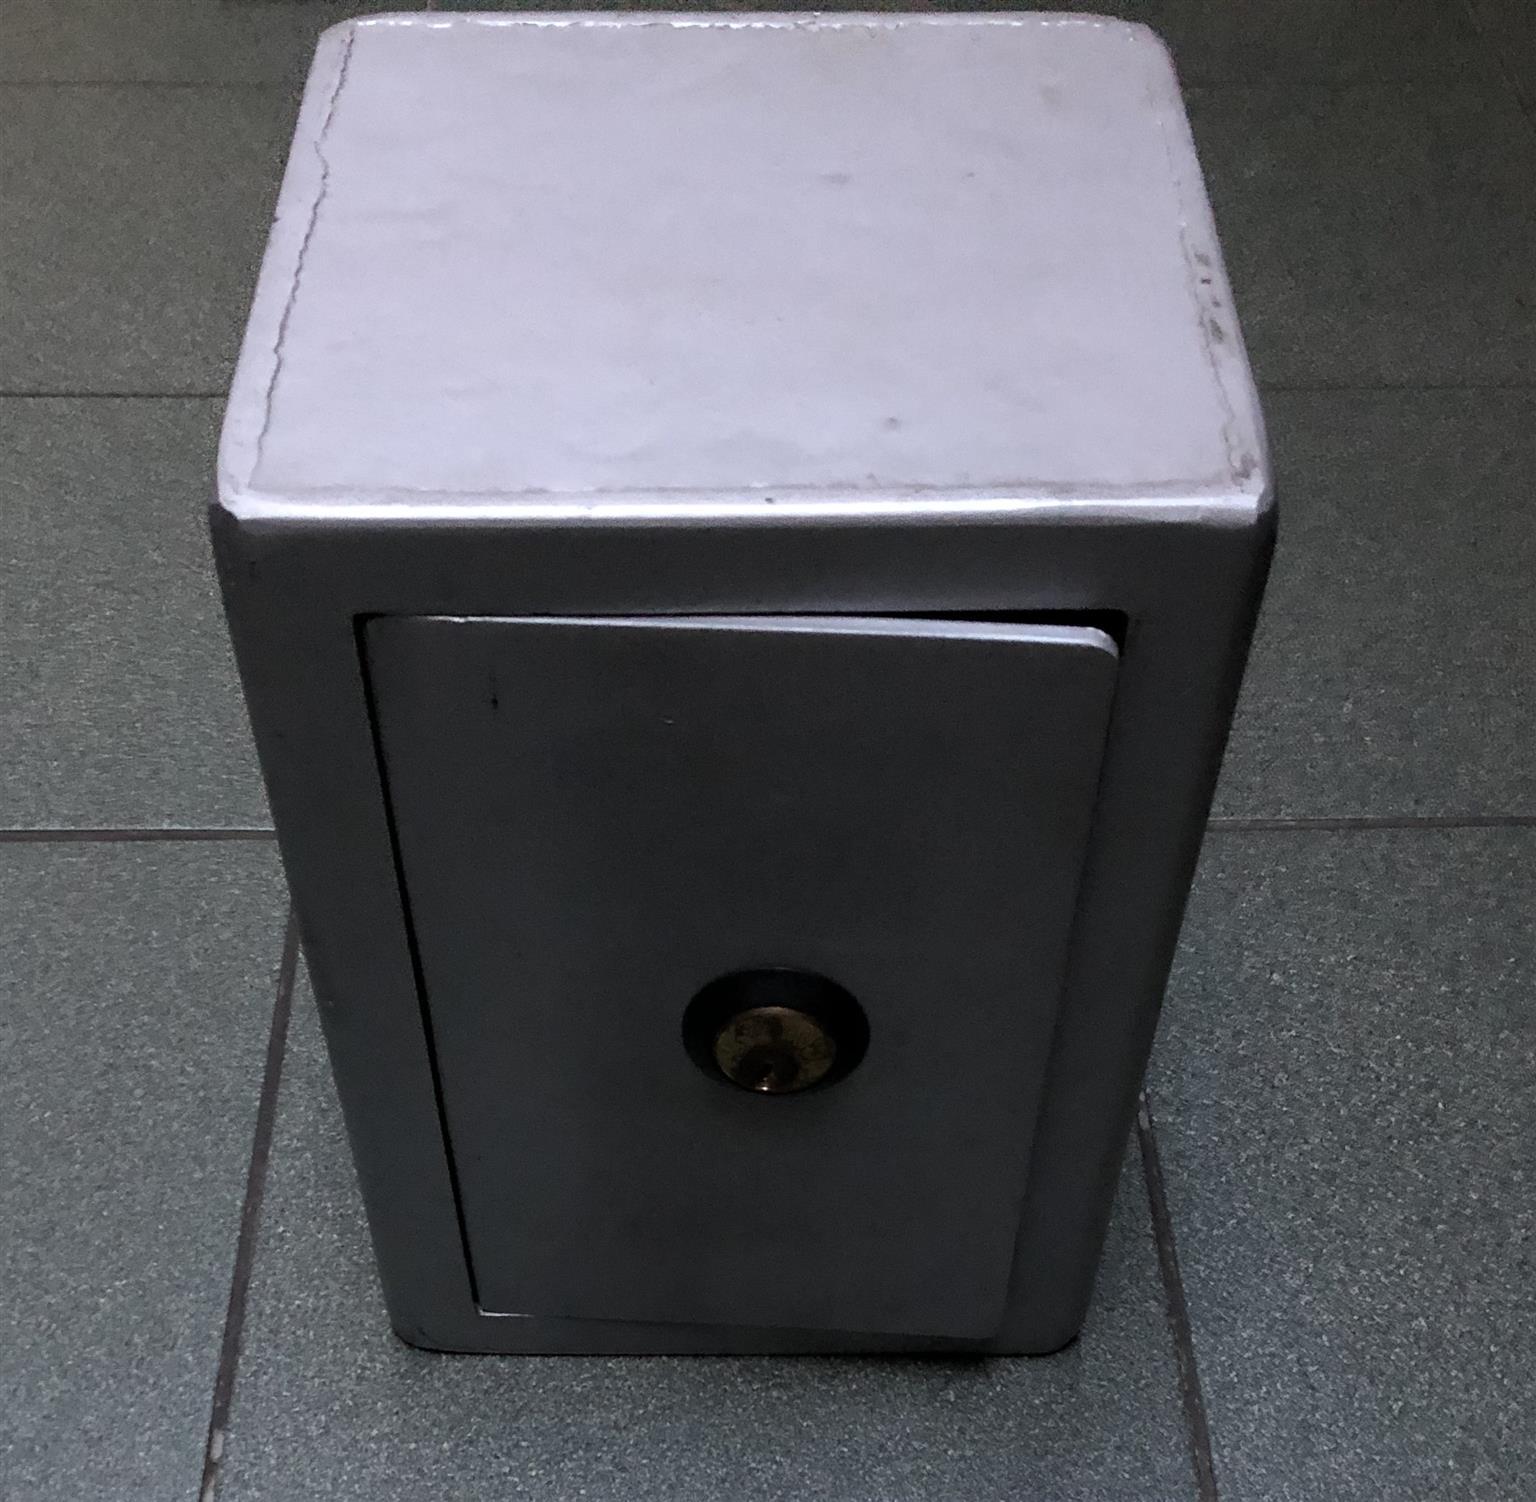 Union lock safe